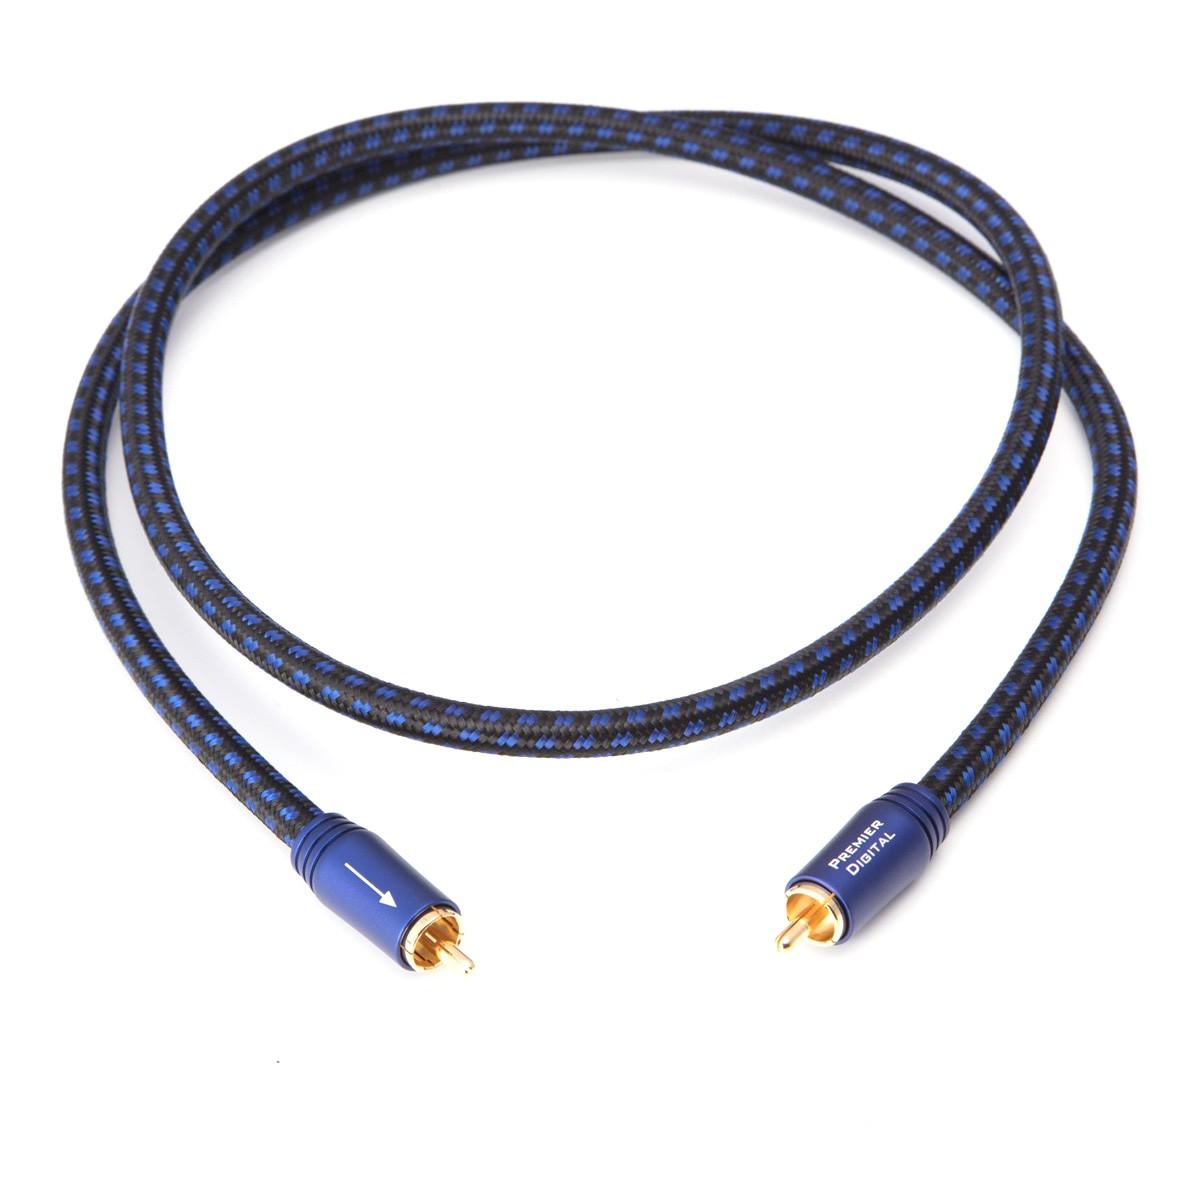 PANGEA PGDCP Câble Coaxial Cuivre OFC Plaqué Argent Double Blindage 0.6m